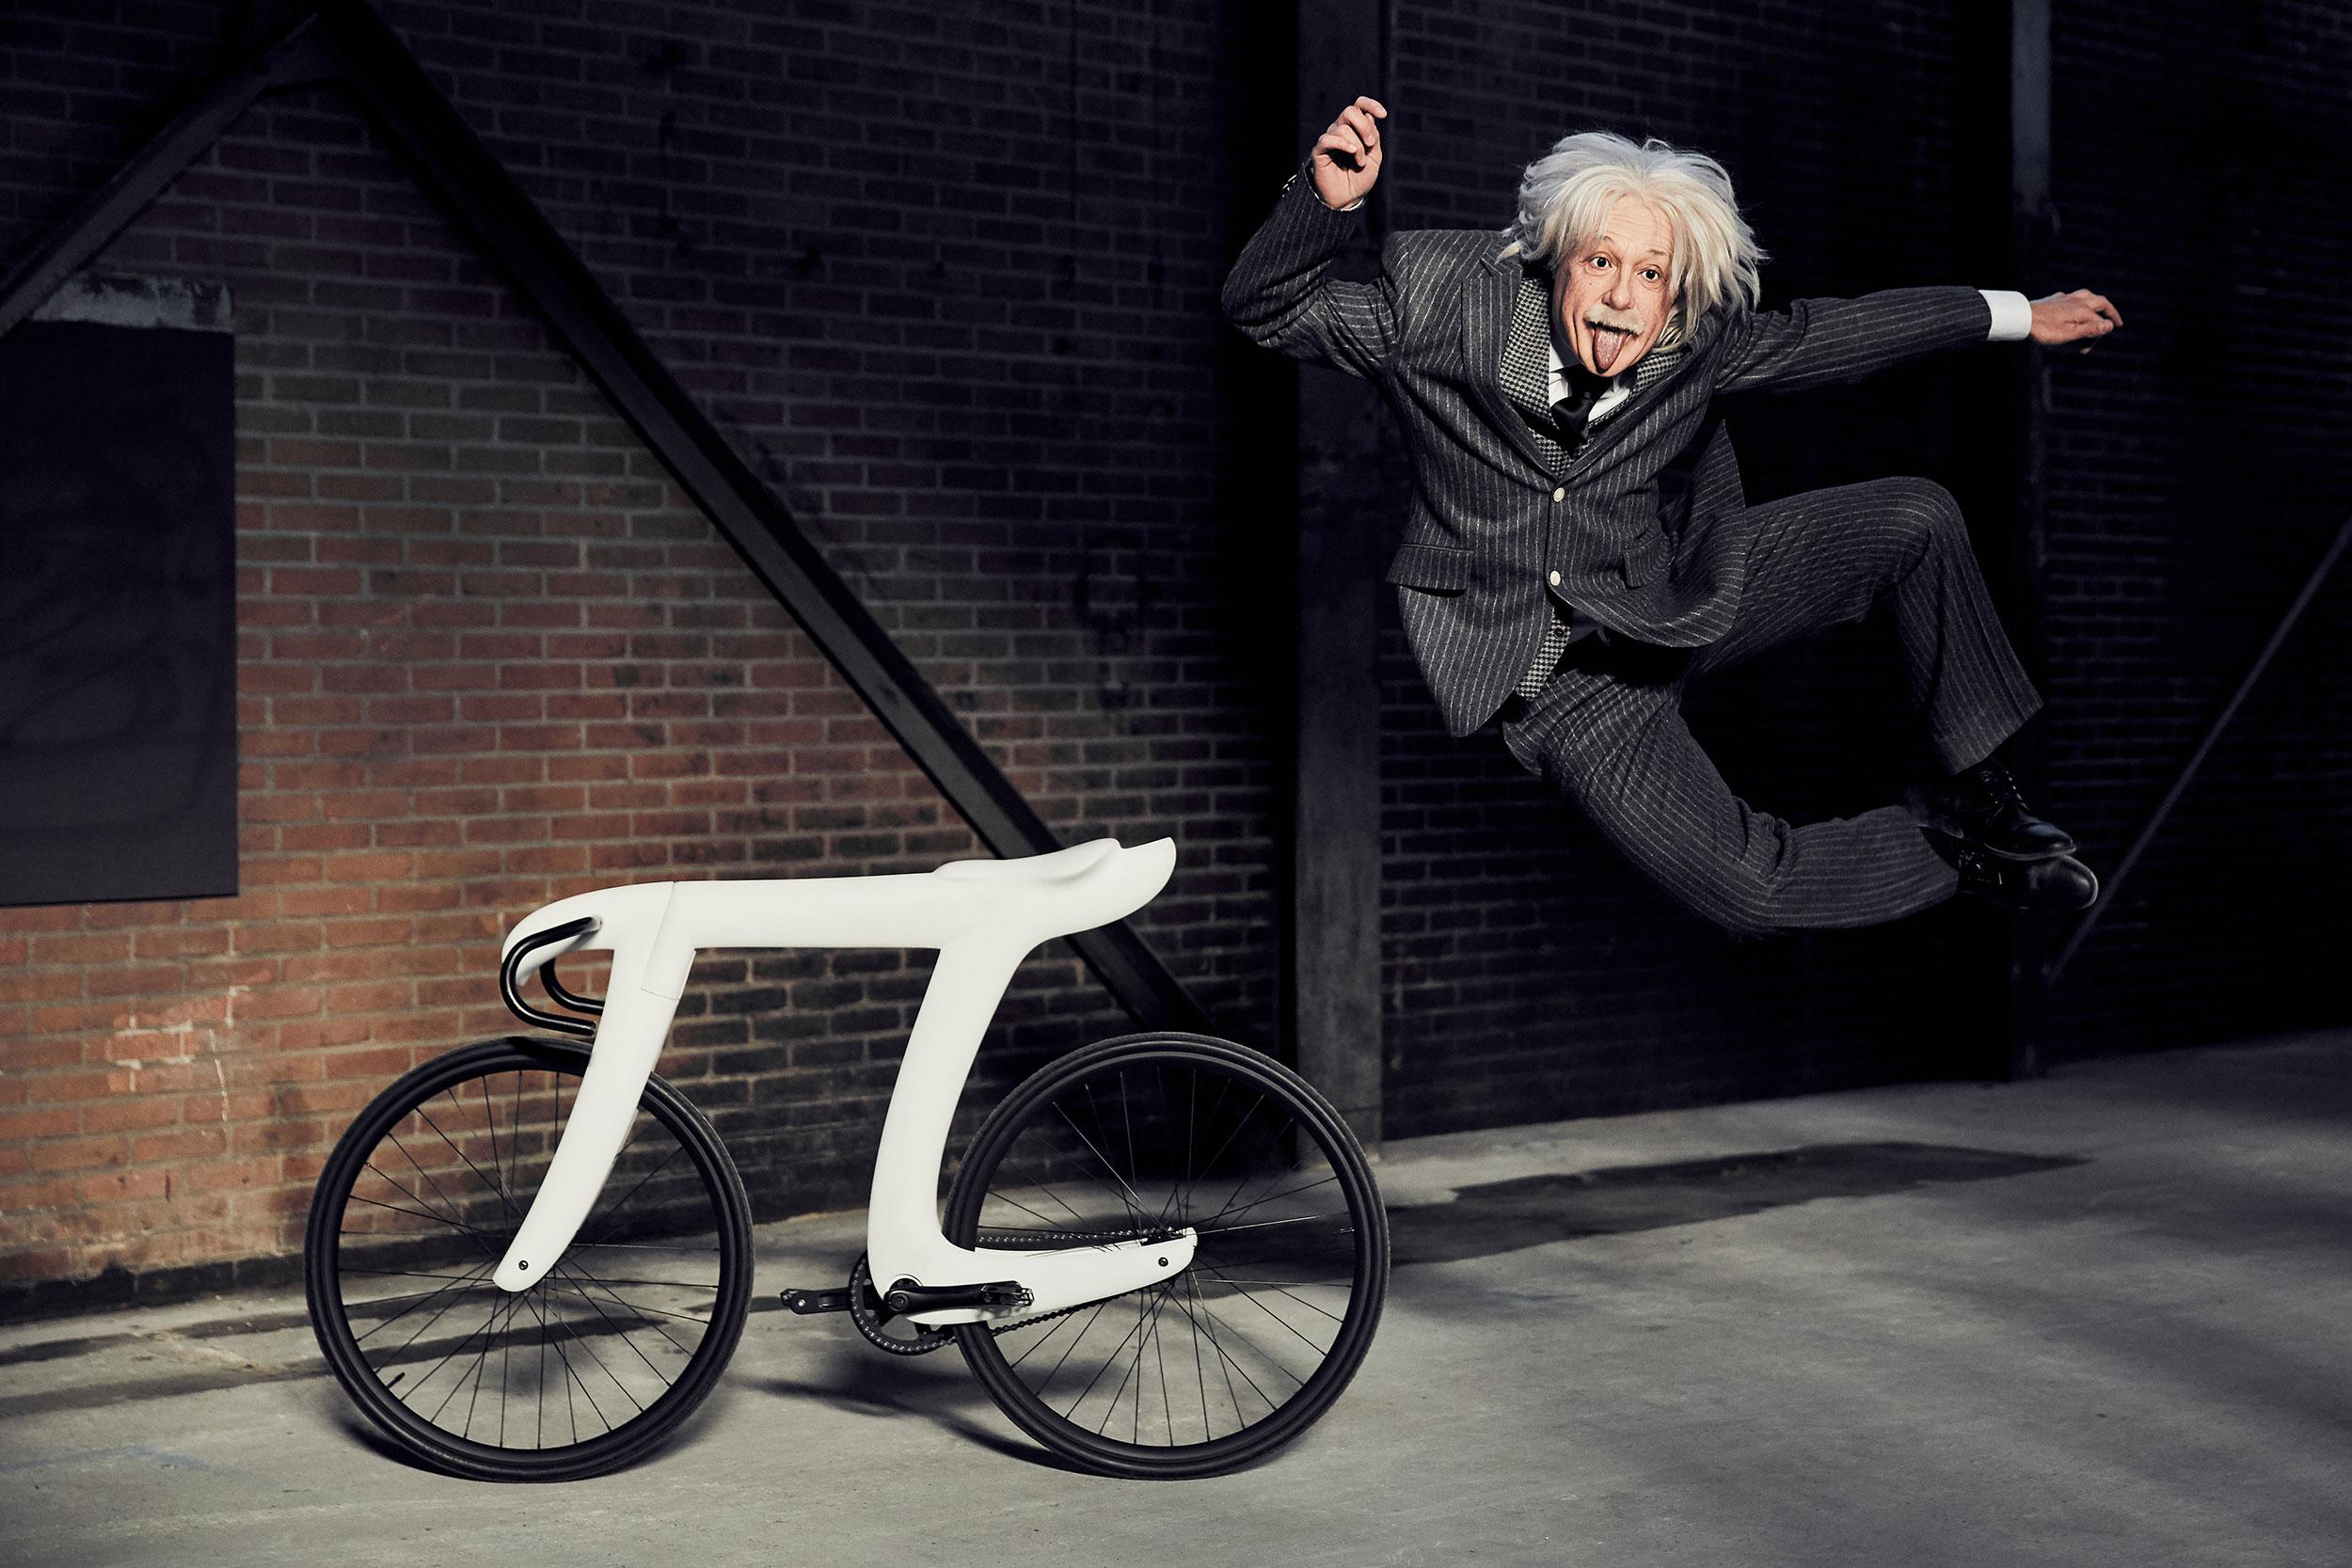 The+Pi+Bike-3.jpg